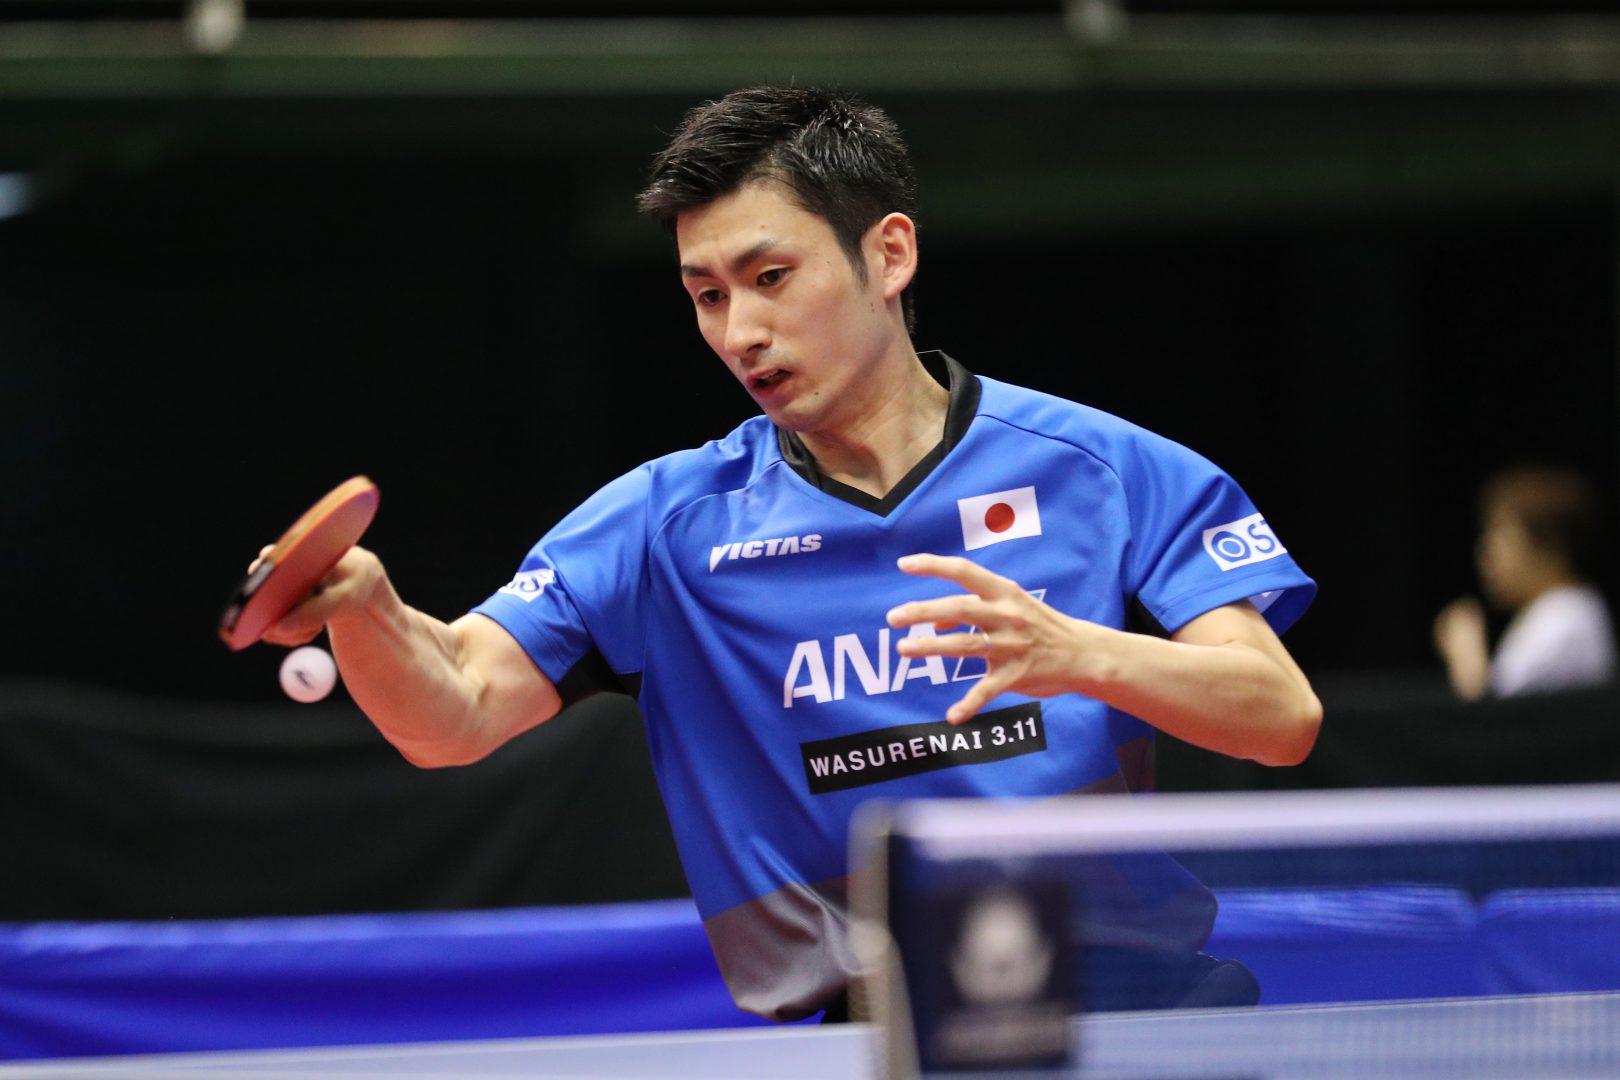 卓球W杯で活躍の上田仁がプロ宣言  Tリーグ参戦に向け実業団から転身